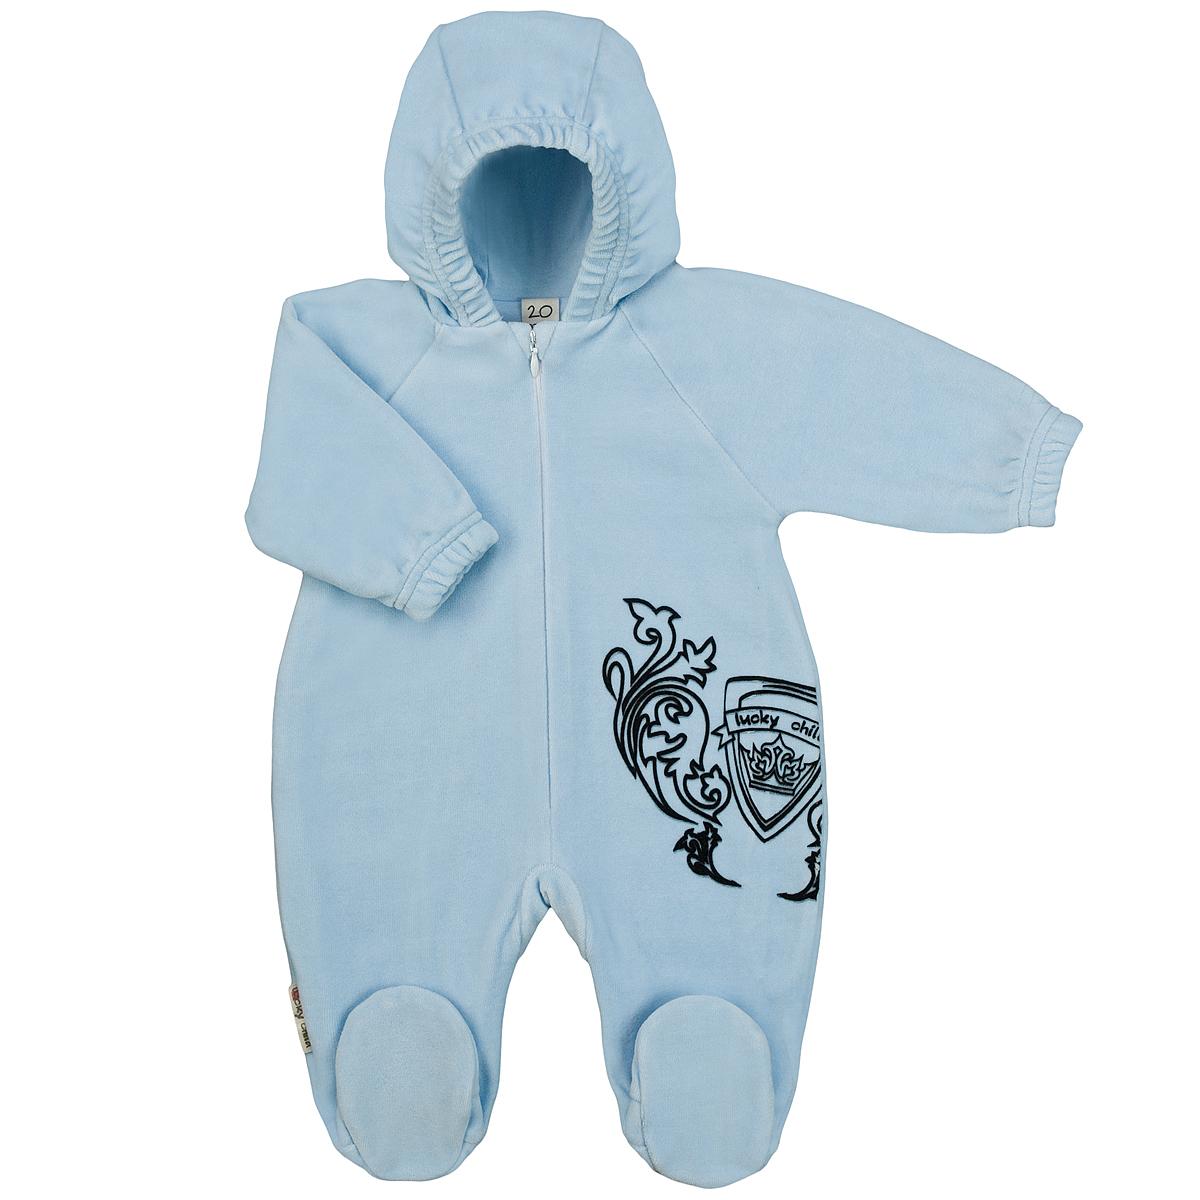 Комбинезон детский Lucky Child, цвет: голубой. 5-4. Размер 56/625-4Детский комбинезон с капюшоном Lucky Child - очень удобный и практичный вид одежды для малышей. Комбинезон выполнен из велюра на подкладке из натурального хлопка, благодаря чему он необычайно мягкий и приятный на ощупь, не раздражают нежную кожу ребенка и хорошо вентилируются, а эластичные швы приятны телу малышки и не препятствуют ее движениям. Комбинезон с длинными рукавами-реглан и закрытыми ножками по центру имеет потайную застежку-молнию, которая помогает легко переодеть младенца или сменить подгузник. Спереди он оформлен оригинальным принтом в виде логотипа бренда. Рукава понизу дополнены неширокими эластичными манжетами, которые мягко обхватывают запястья. С детским комбинезоном Lucky Child спинка и ножки вашего малыша всегда будут в тепле. Комбинезон полностью соответствует особенностям жизни младенца в ранний период, не стесняя и не ограничивая его в движениях!